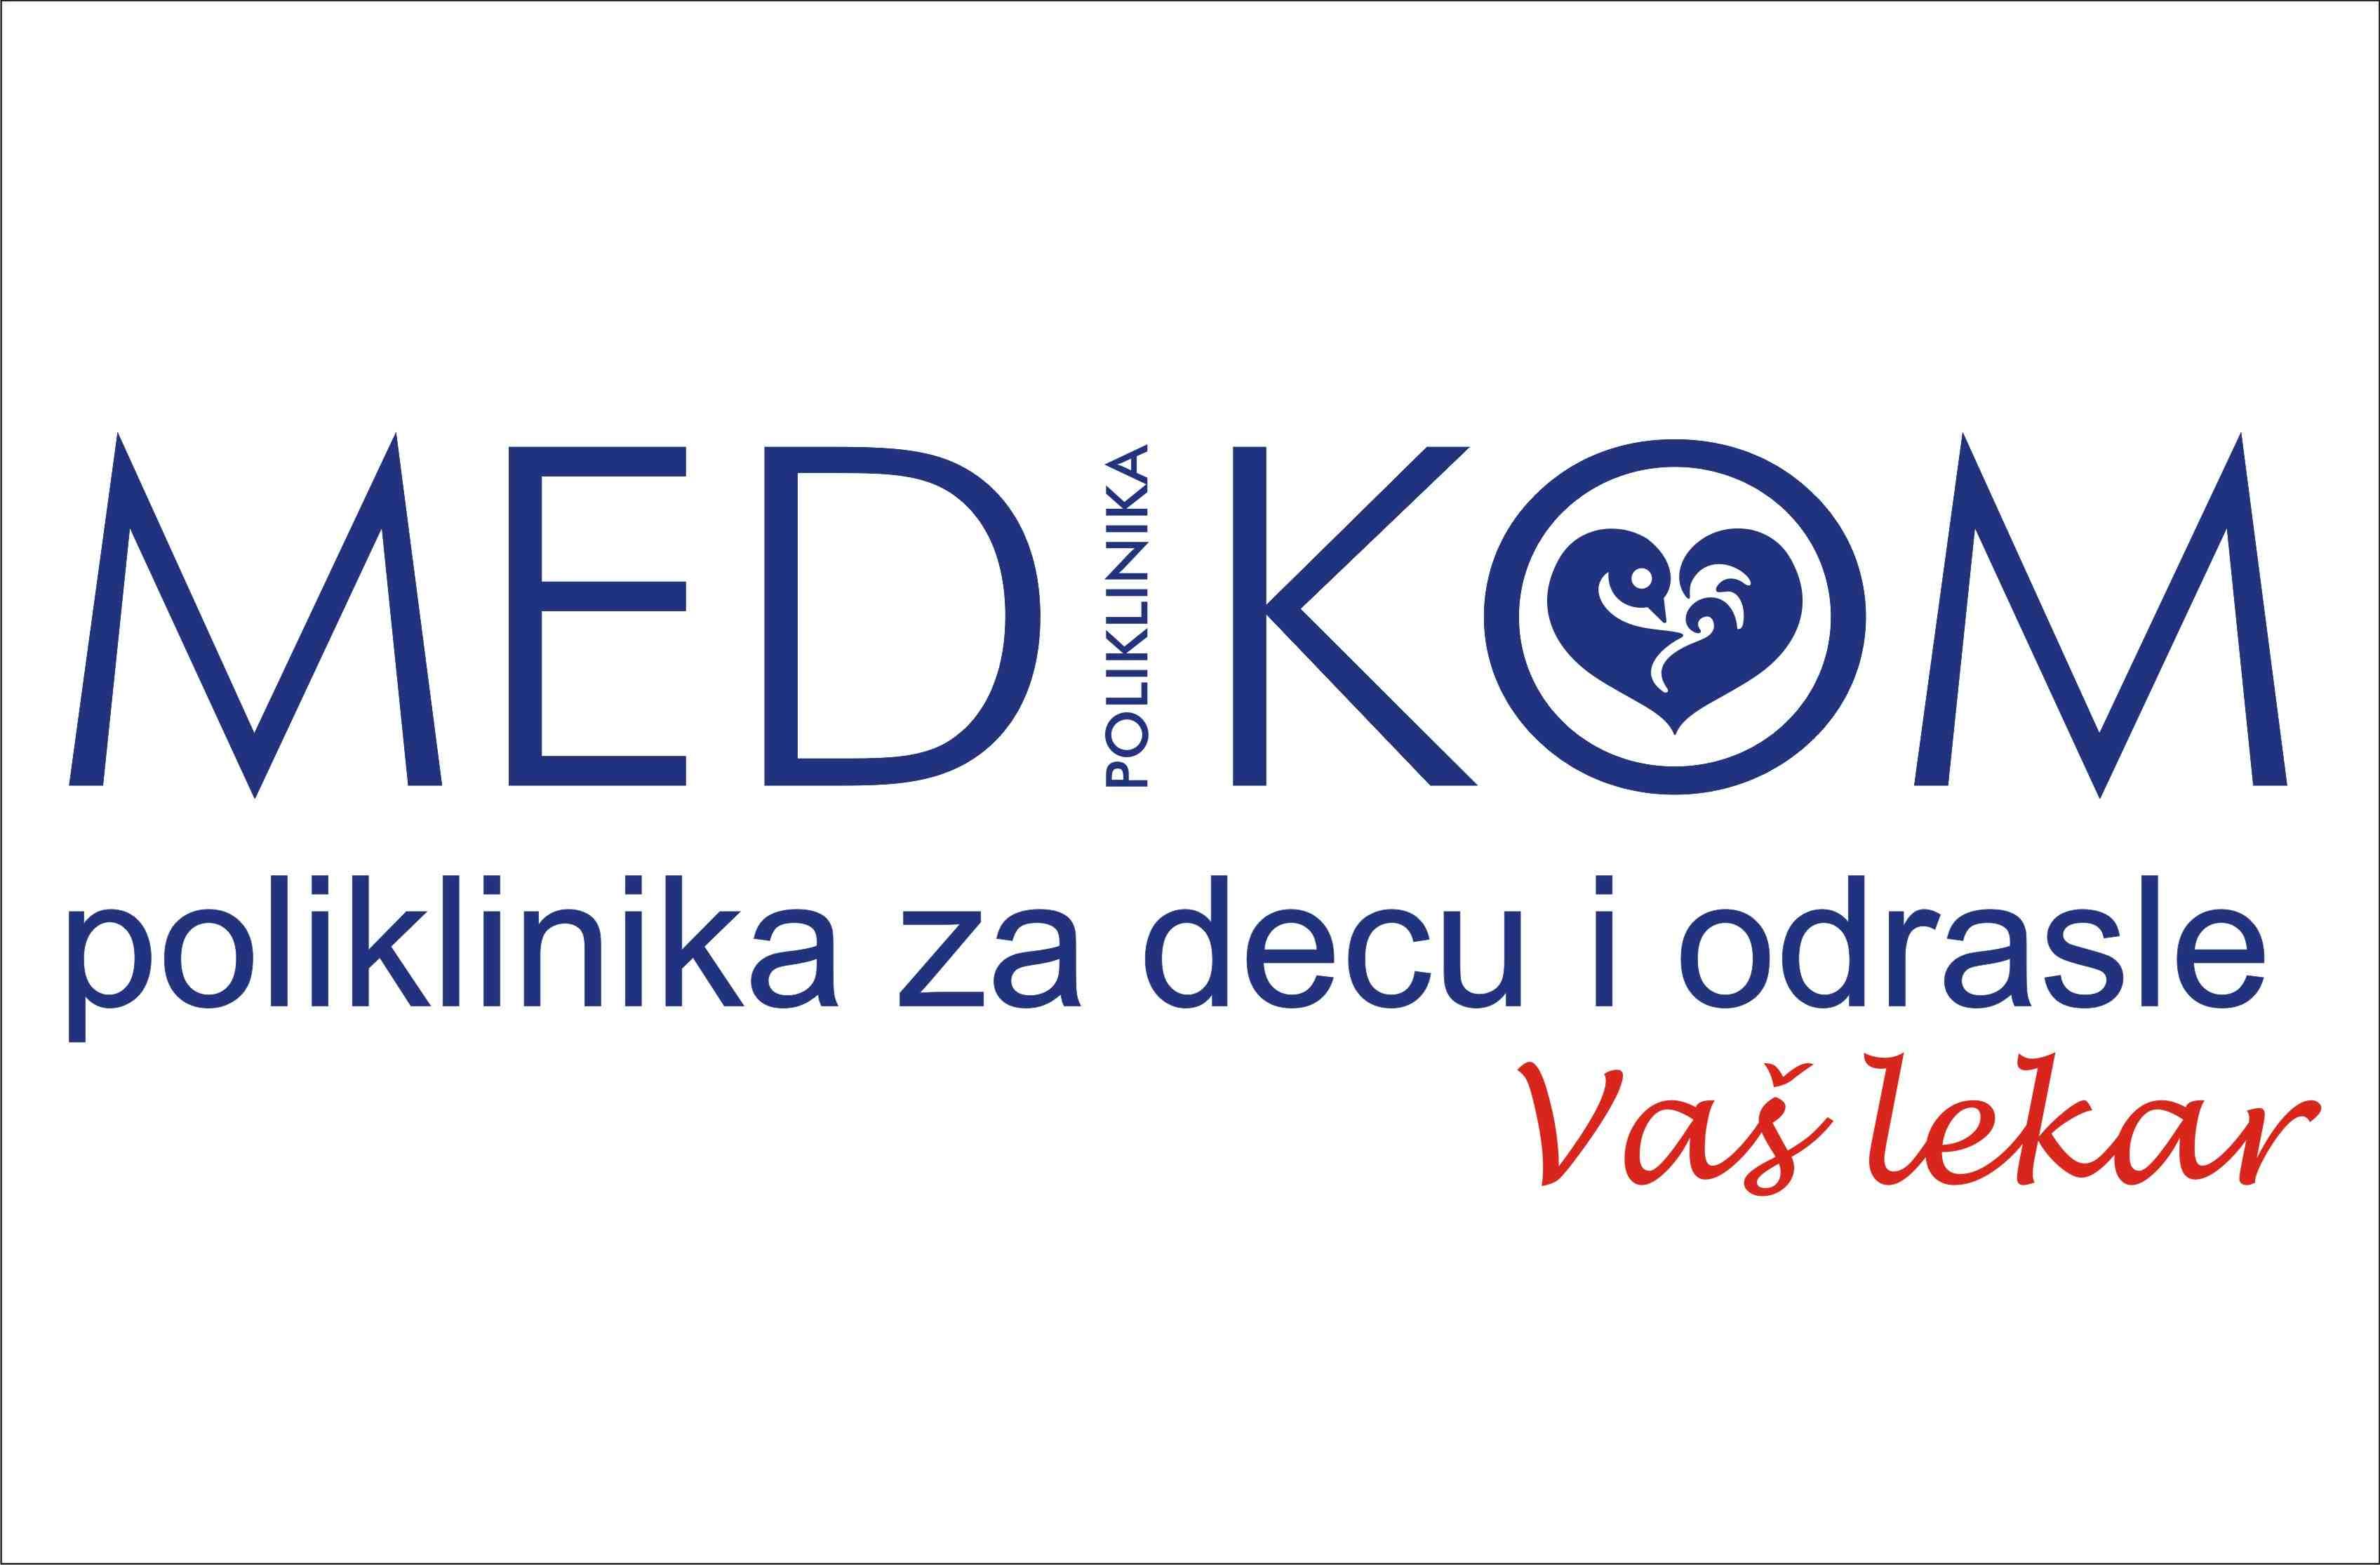 Medikom poliklinika za decu i odrasle